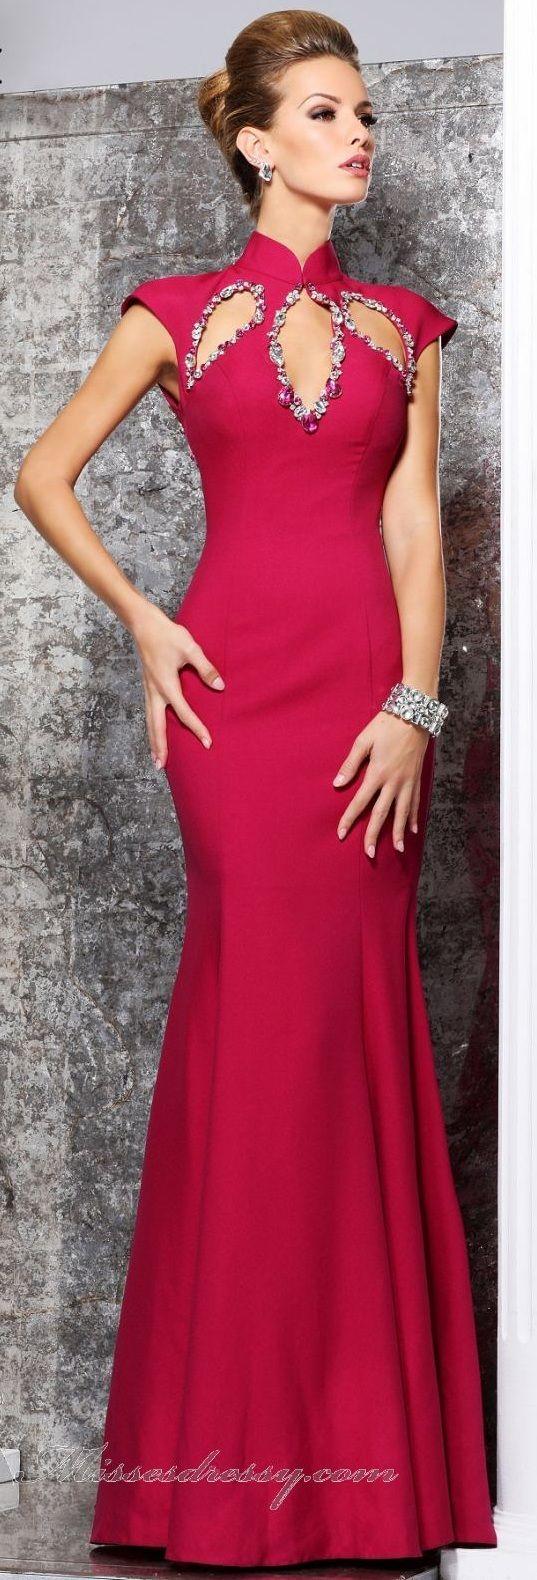 best images about vestirse de fiesta on pinterest oscar de la